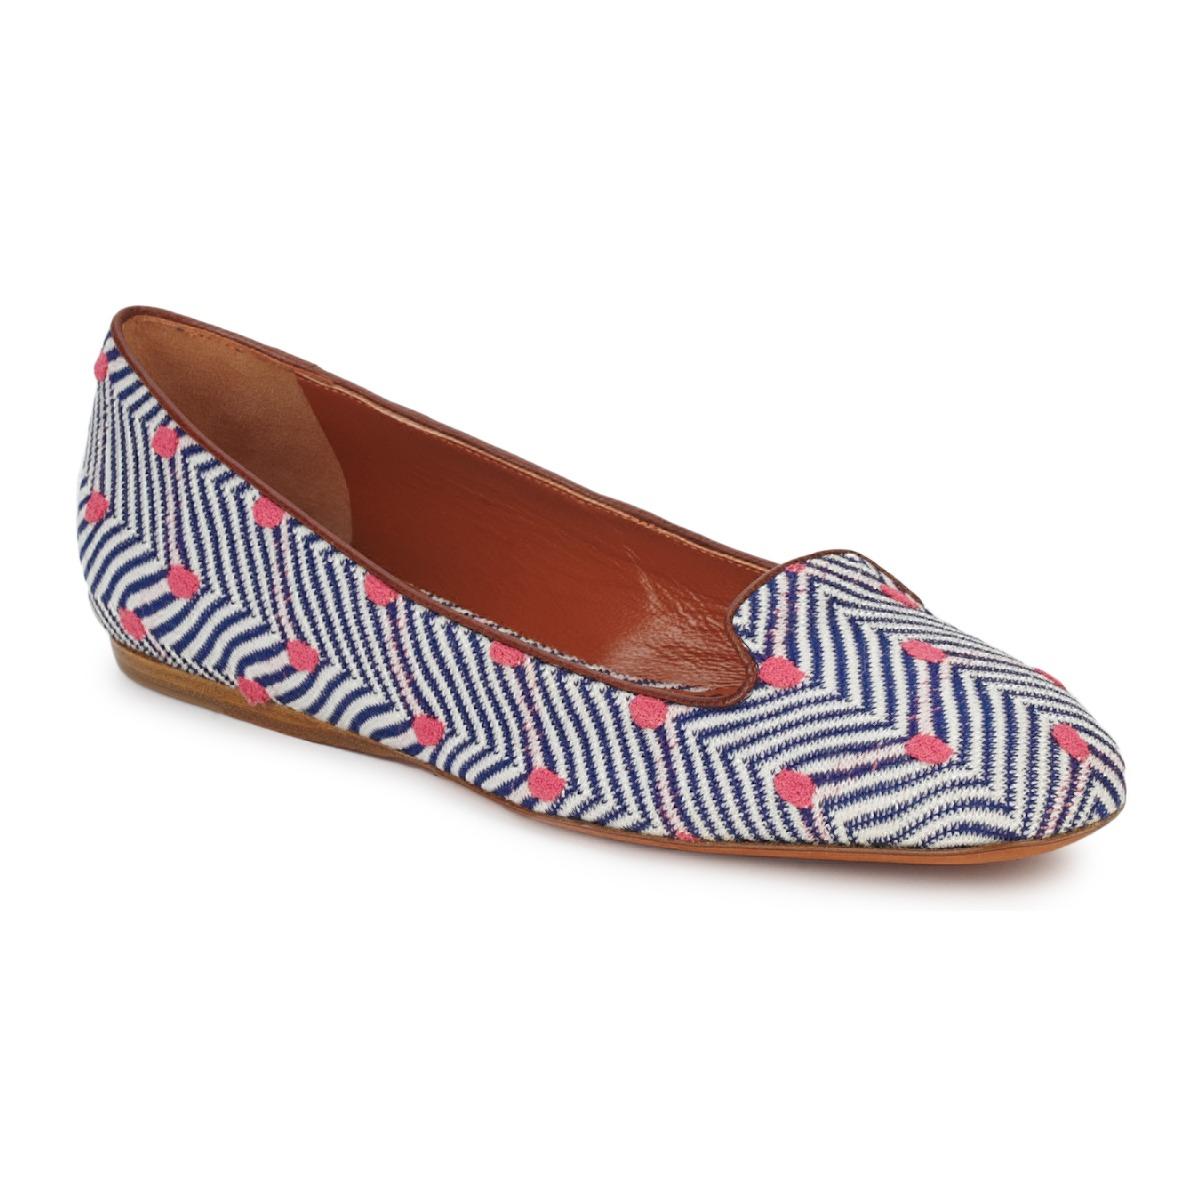 loafers Missoni VM036 Blå / Pink